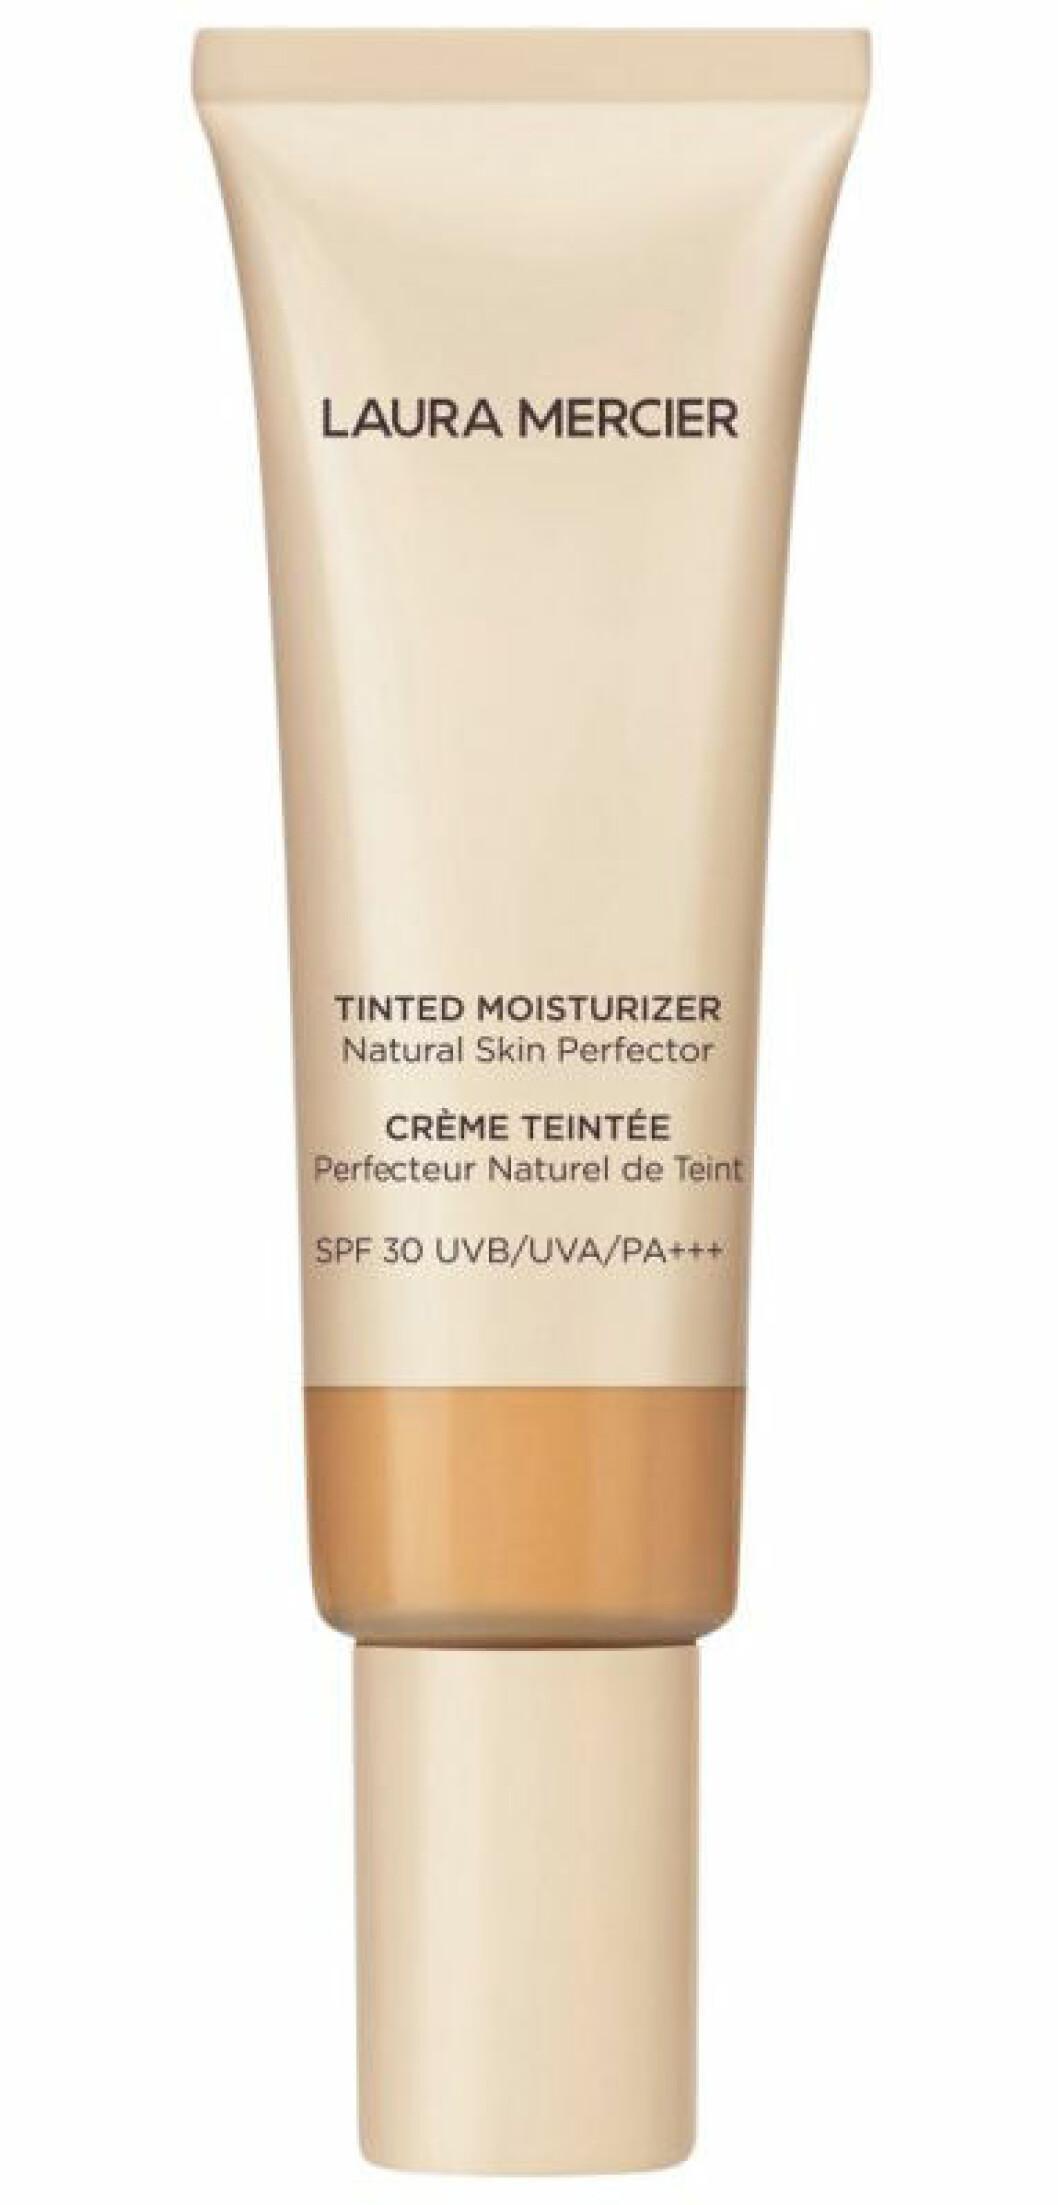 Tinted moisturizer spf 30 från Laura Mercier